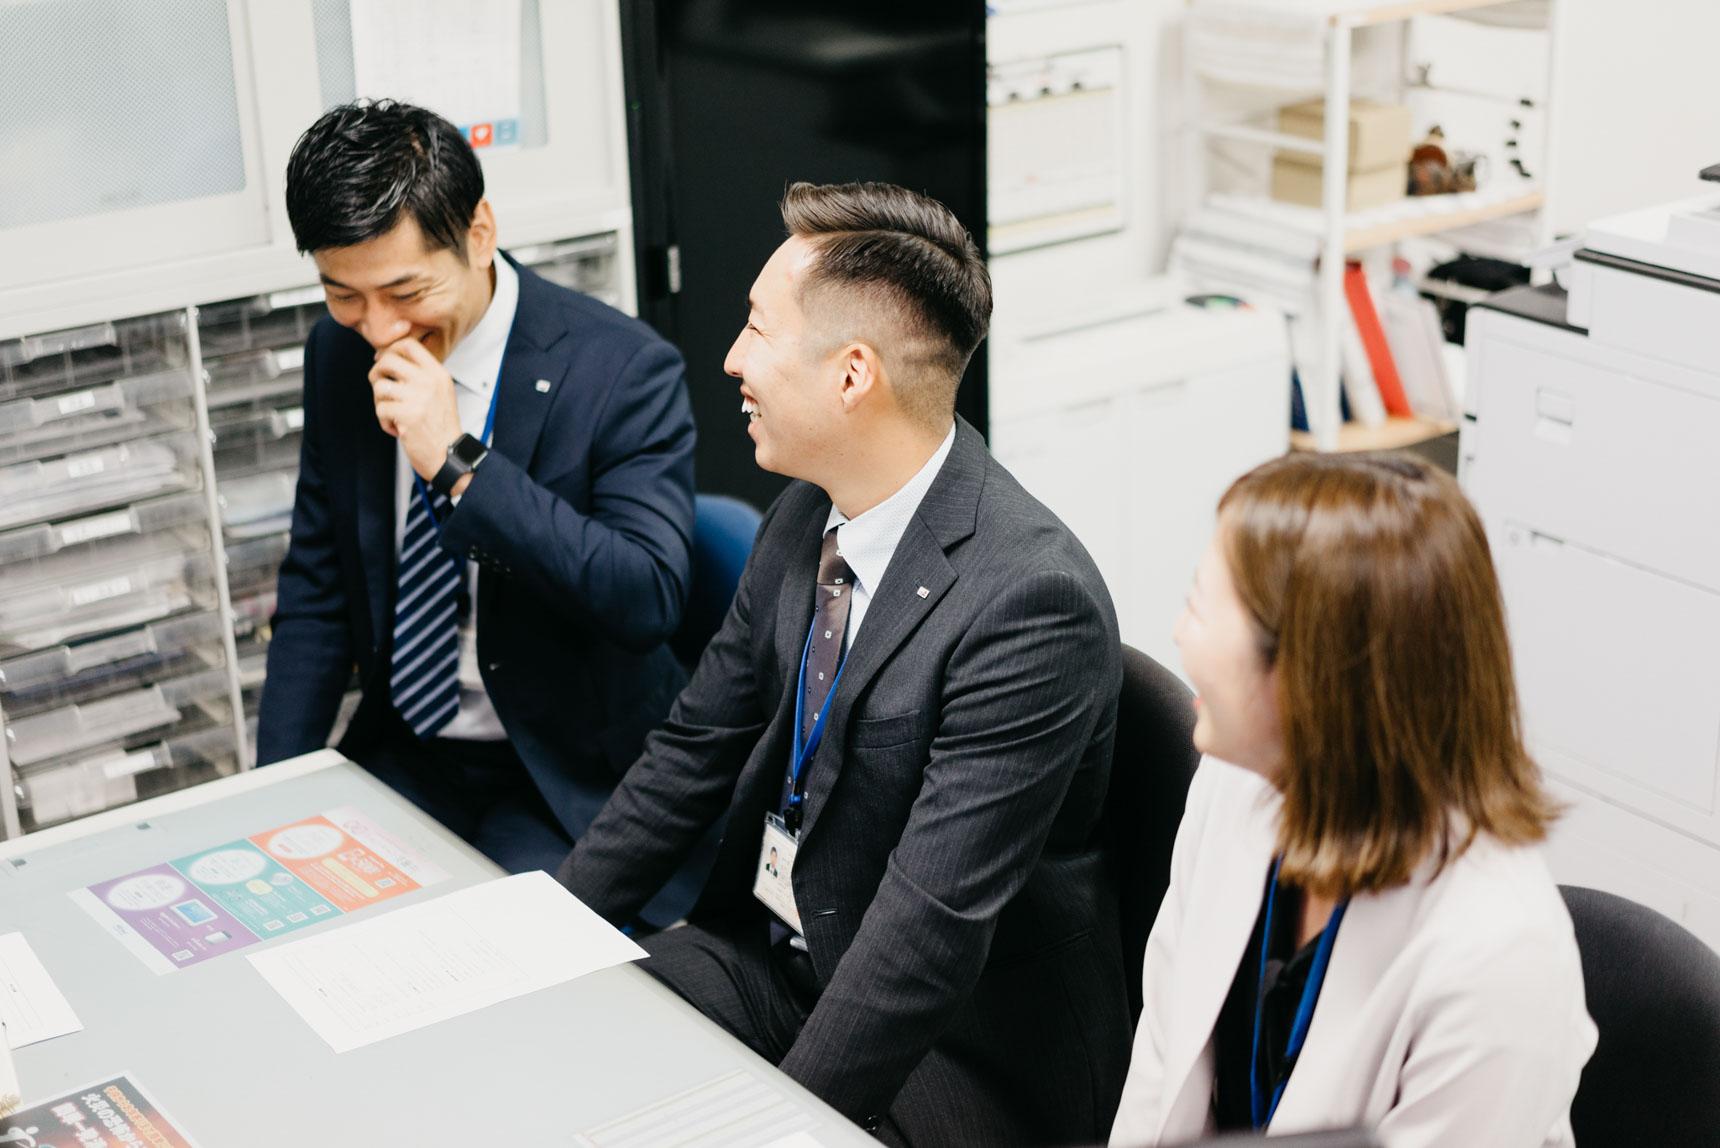 お話を伺ったのは、写真左から、渋谷営業所 所長の栗原良太さん、瀧谷謙斗さん、飯野沙耶さん。